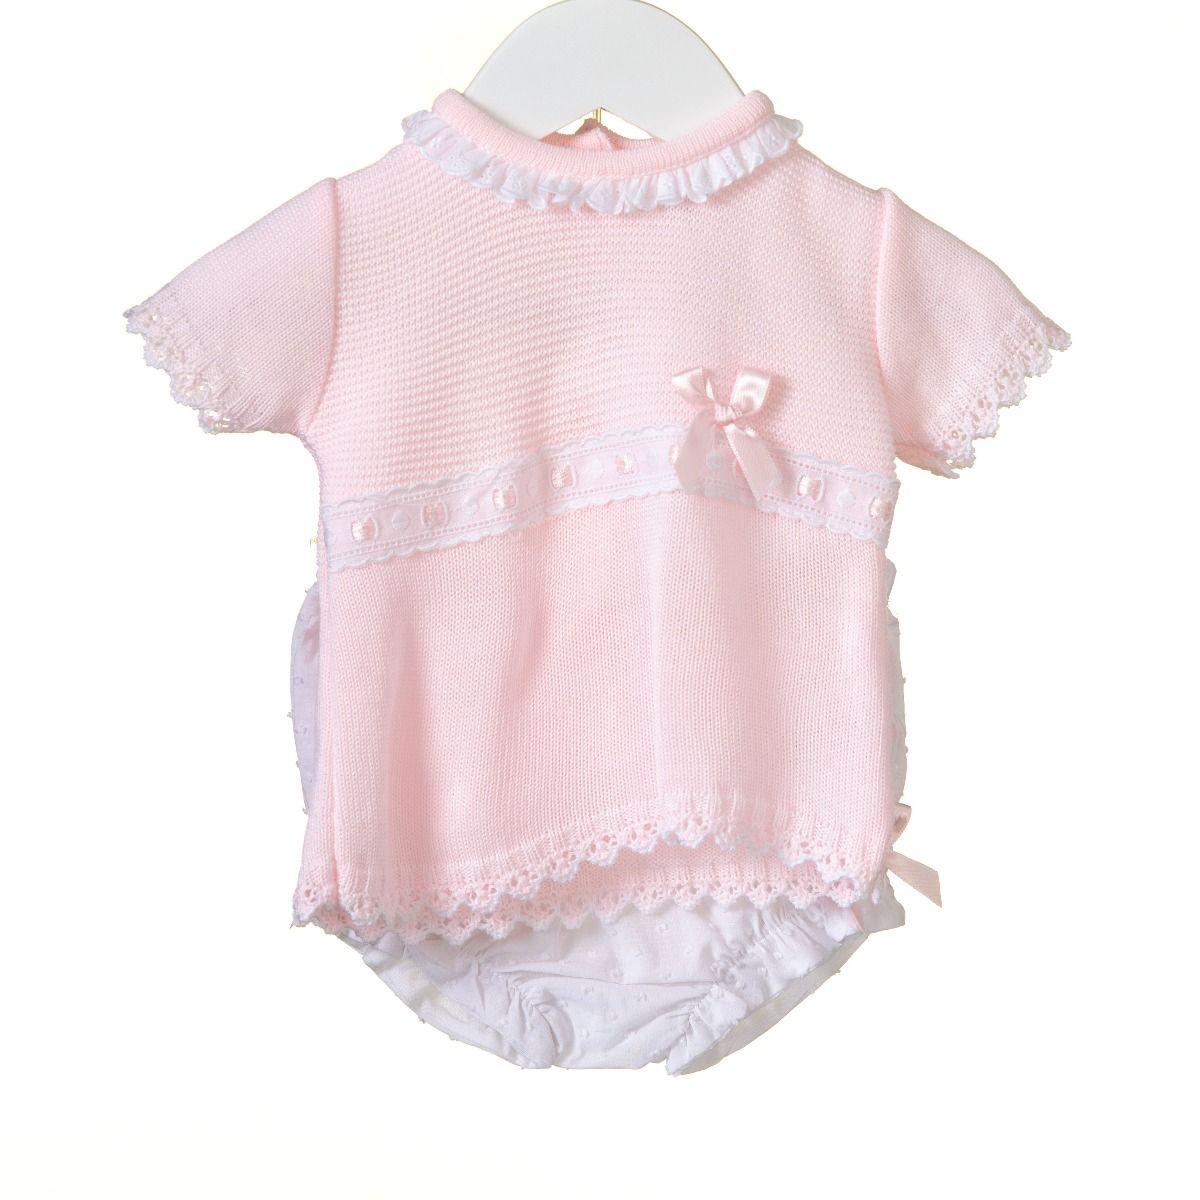 dbd1904414403e Roze met wit gebreid zomers setje van Bluesbaby Zip Zap kopen  -